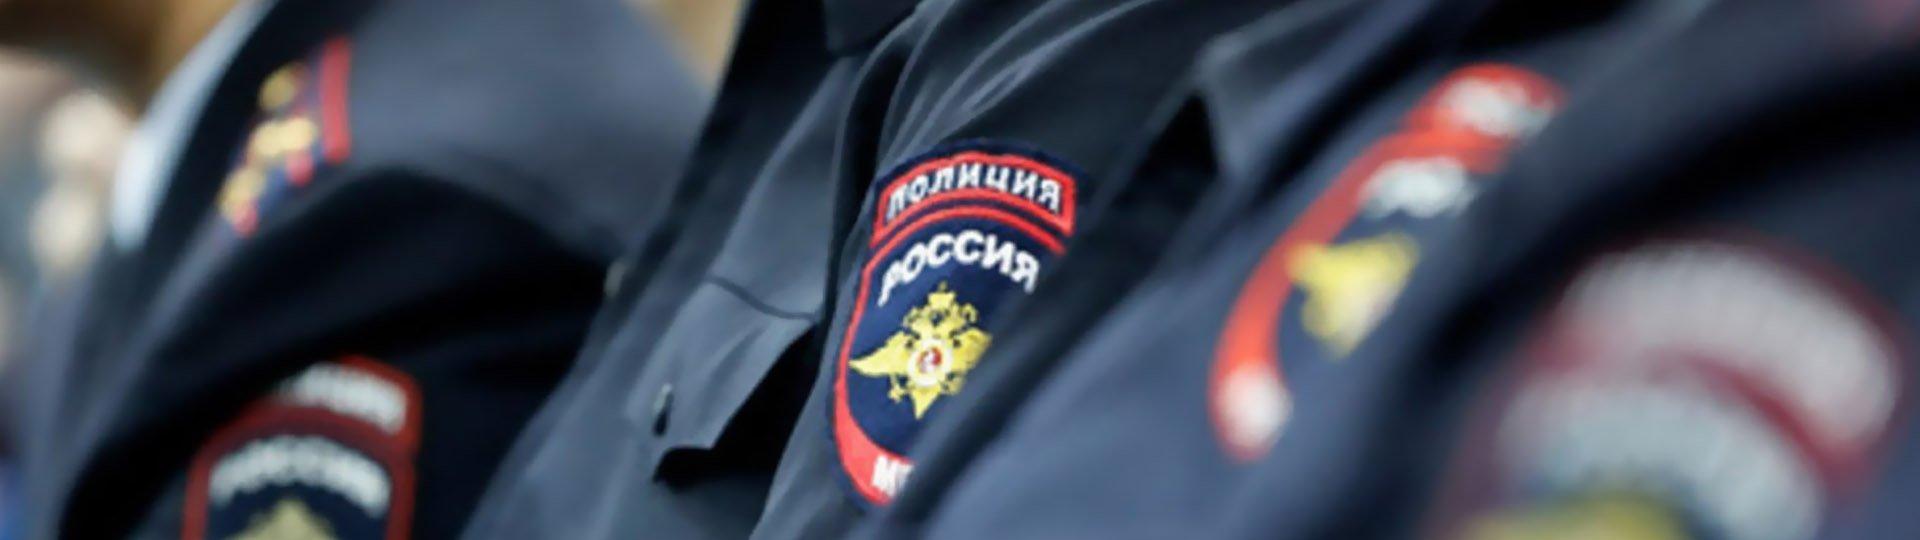 Отдел МВД России по Тимашевскому району